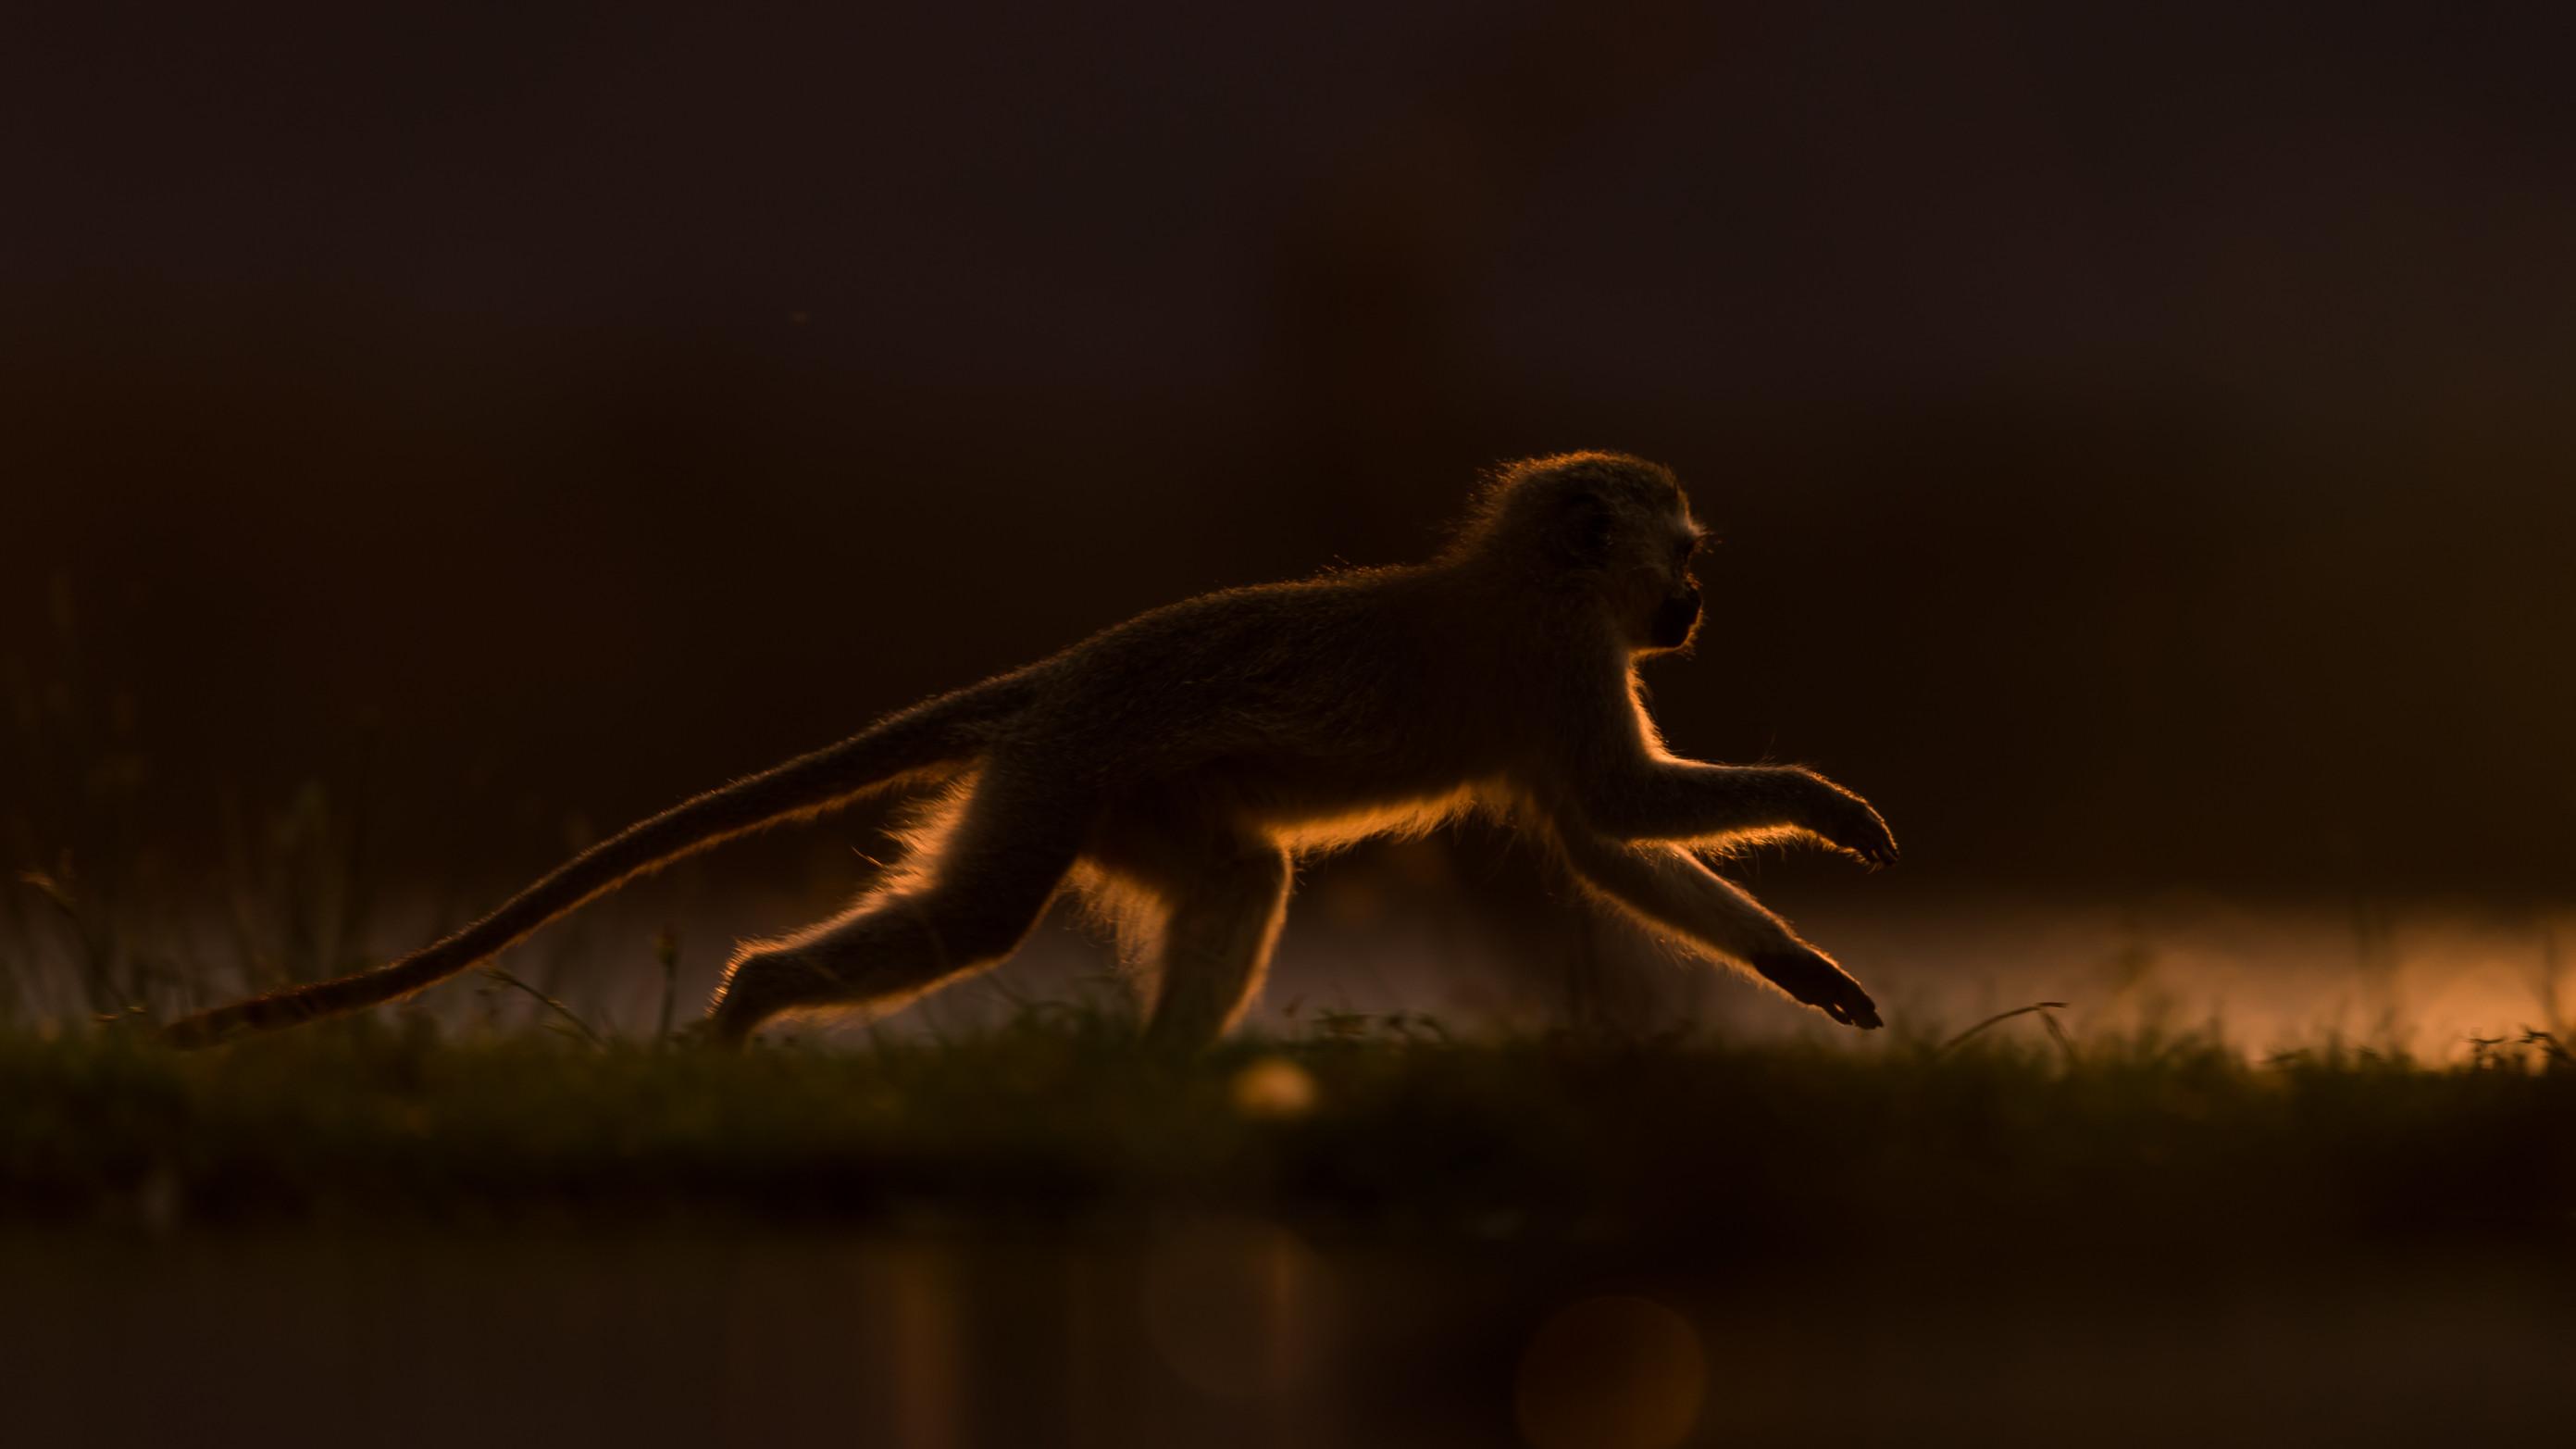 wildlife zimanga 2346